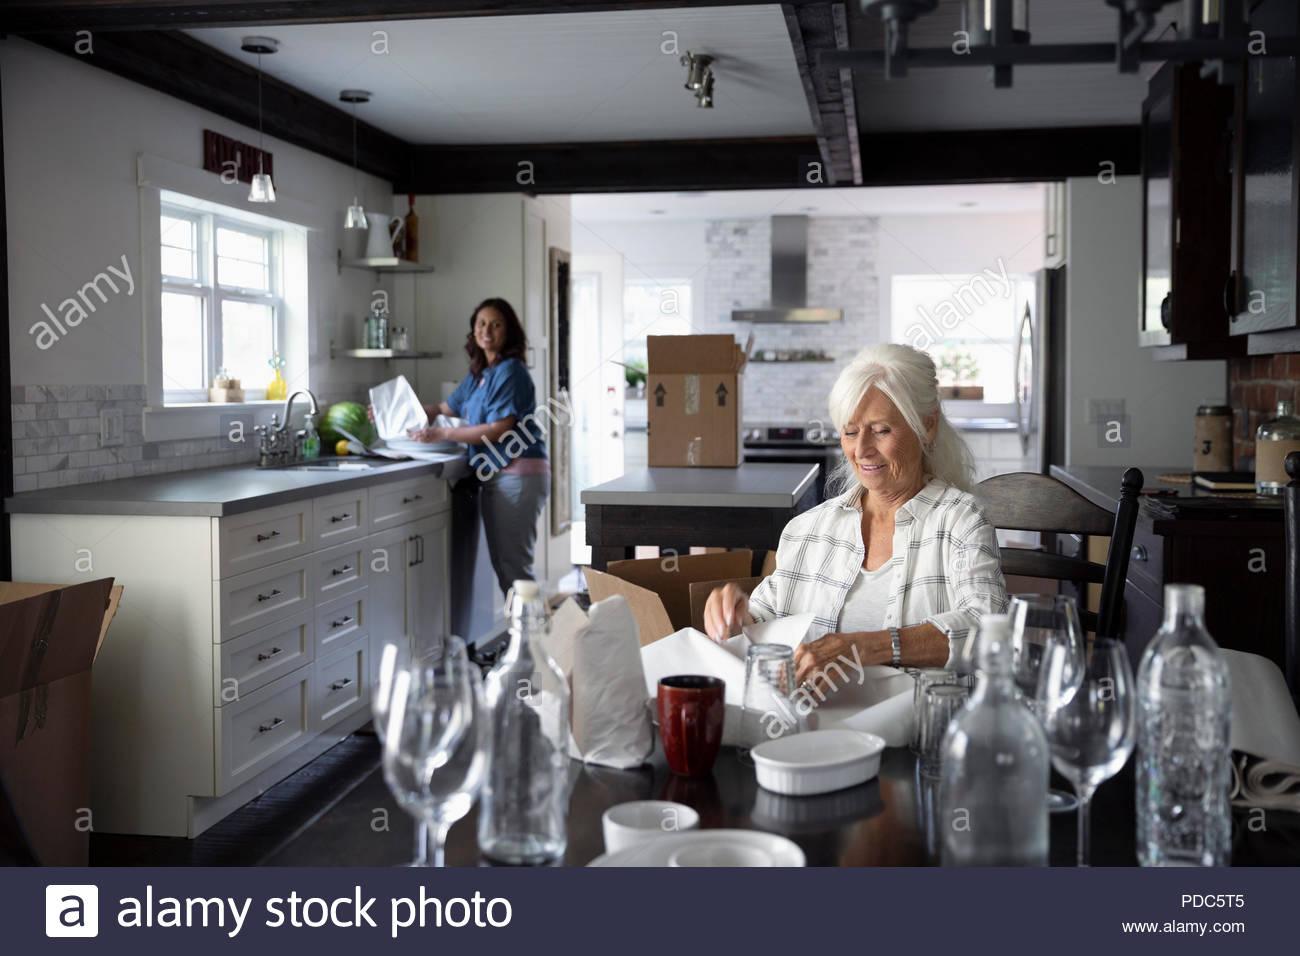 Senior woman downsizing, packing dishes - Stock Image